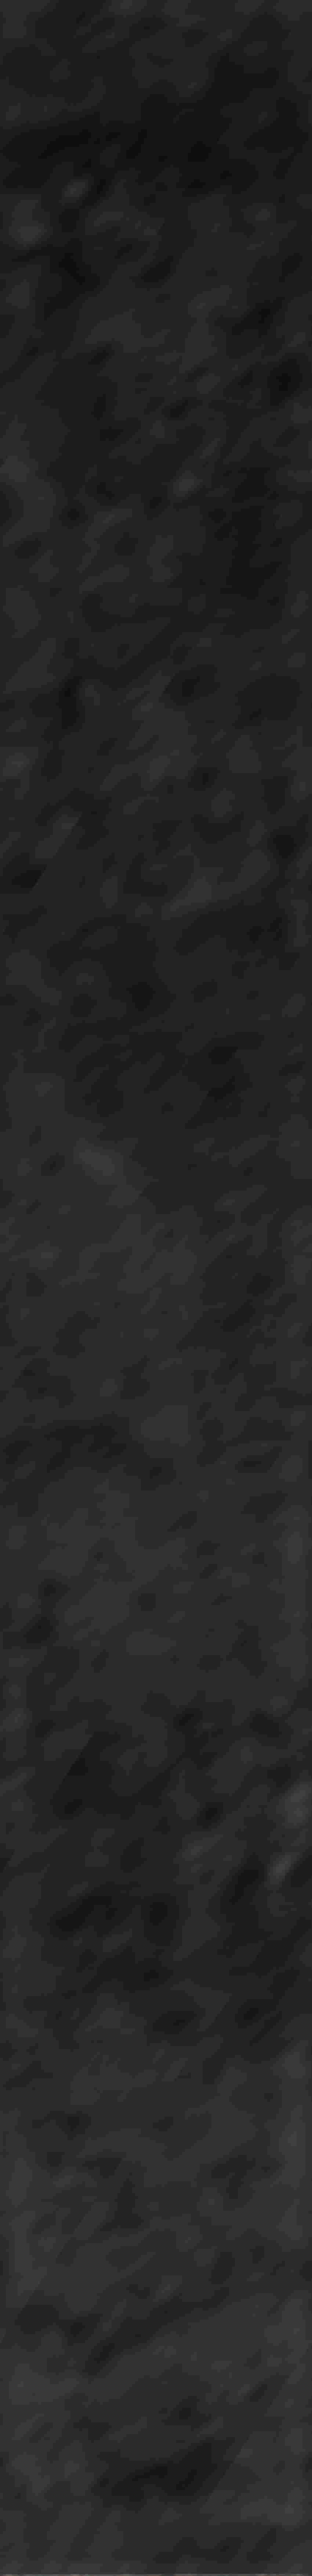 Listwa 7x59,5 cm Paradyż Uniwersalna Listwa Szklana Blue